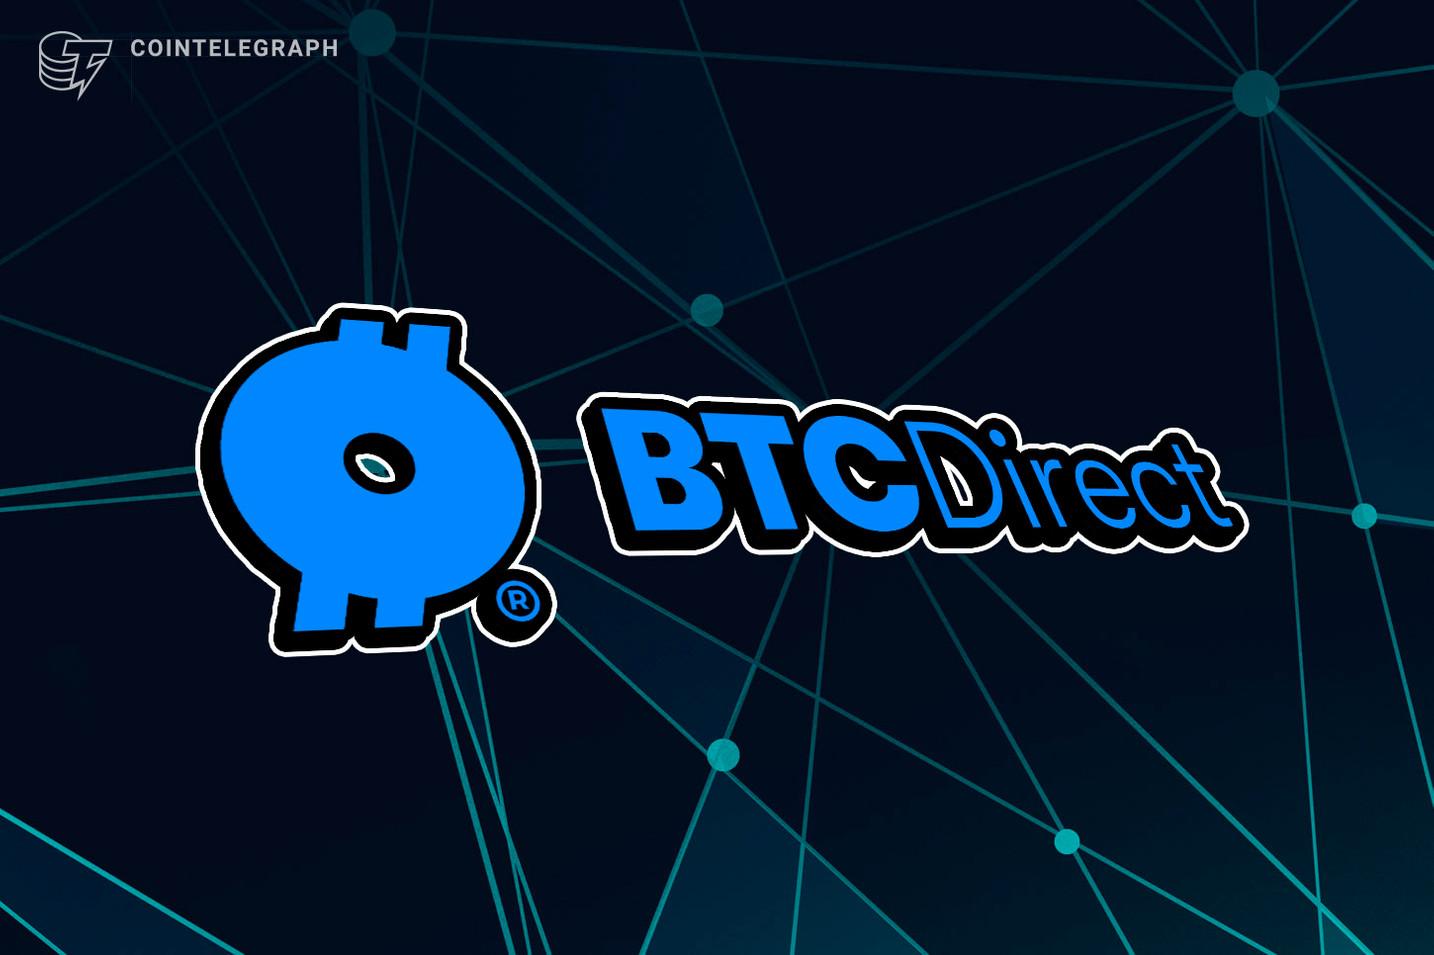 仮想通貨取引所『BTC Direct』が1,100万ユーロ調達